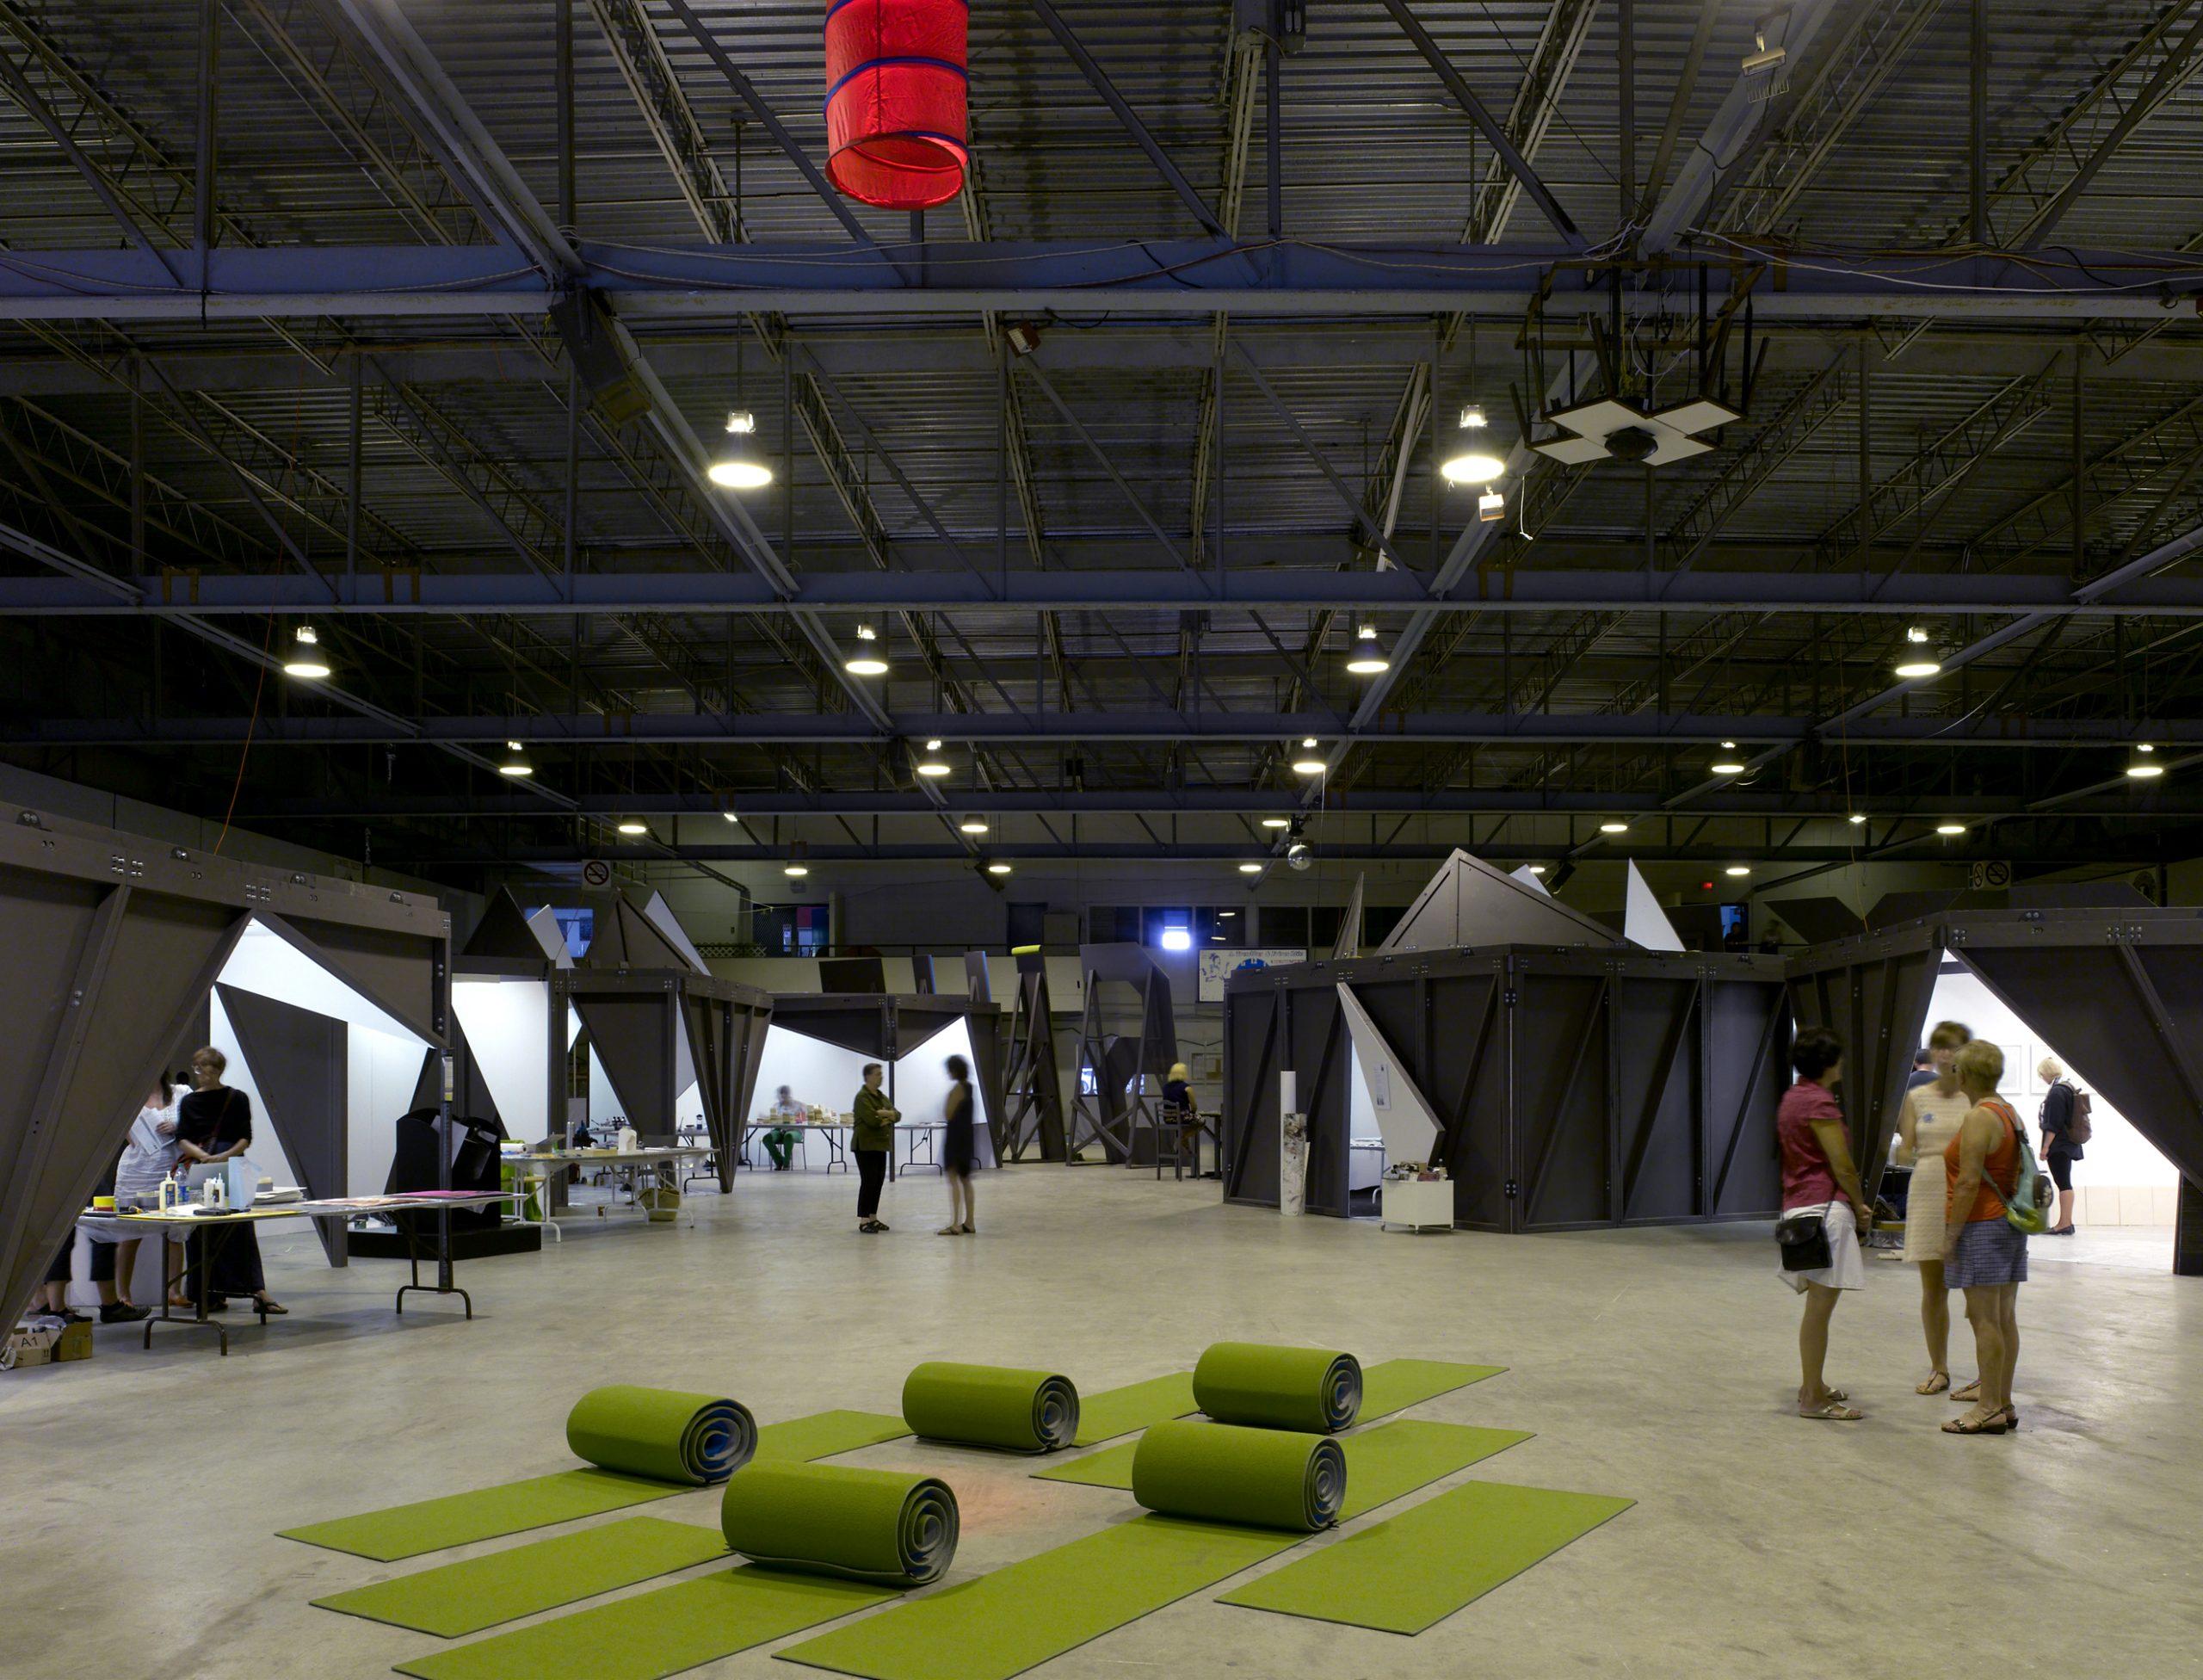 Symposium international d'art contemporain de Baie-Saint-Paul Cecobois 4